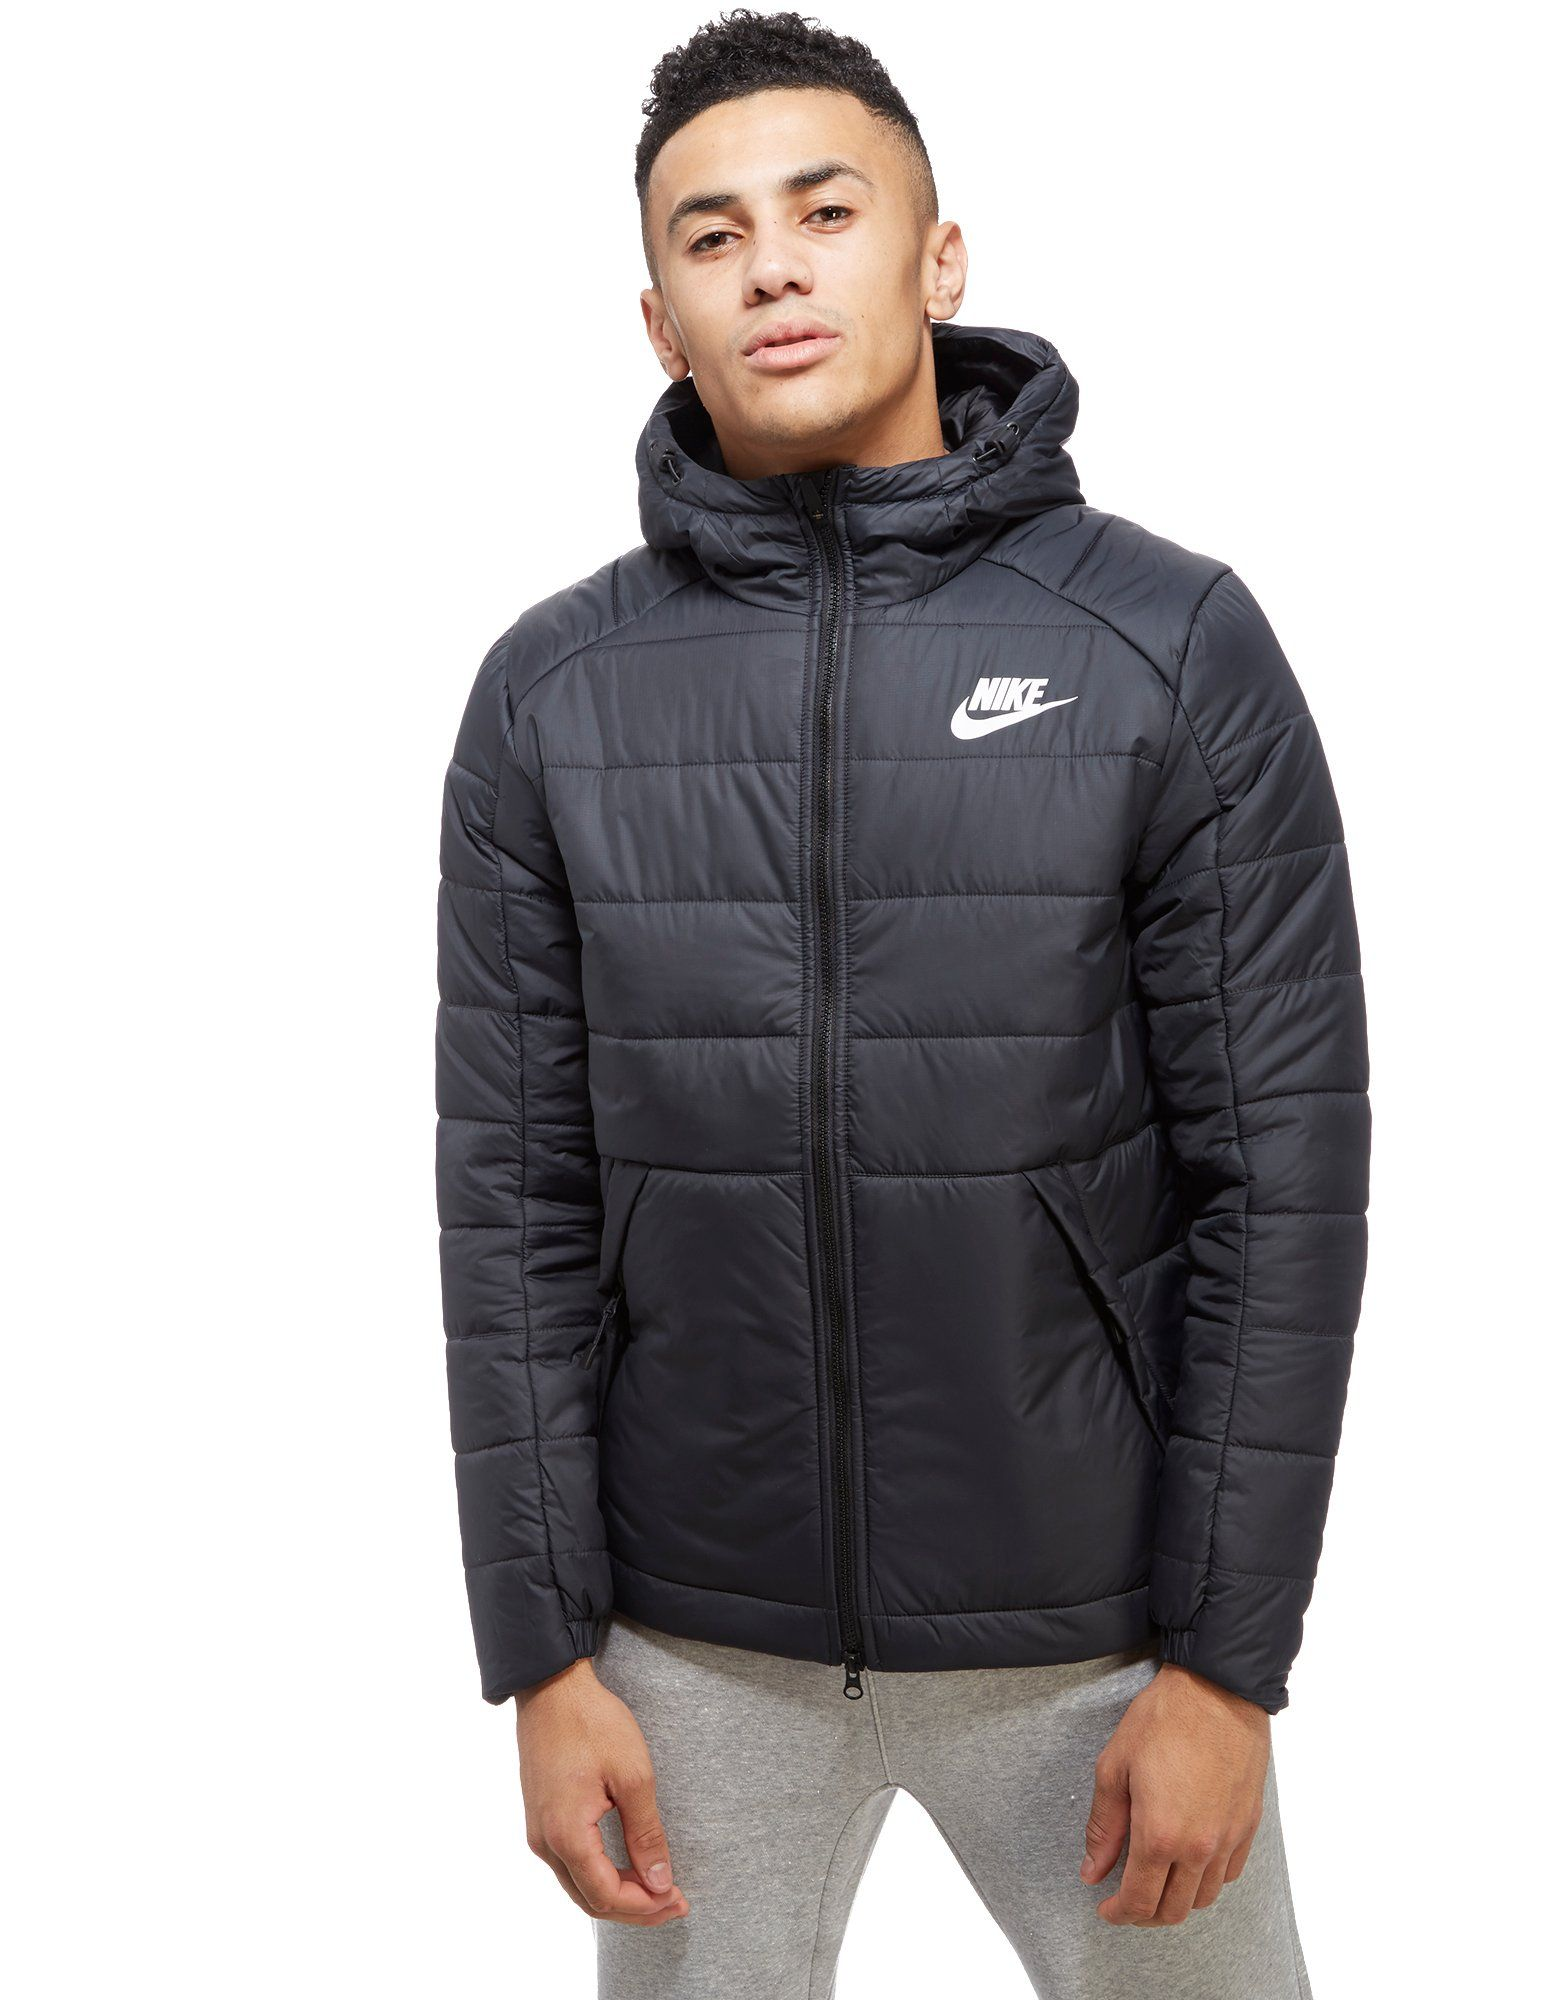 Men's Coats & Men's Jackets | JD Sports